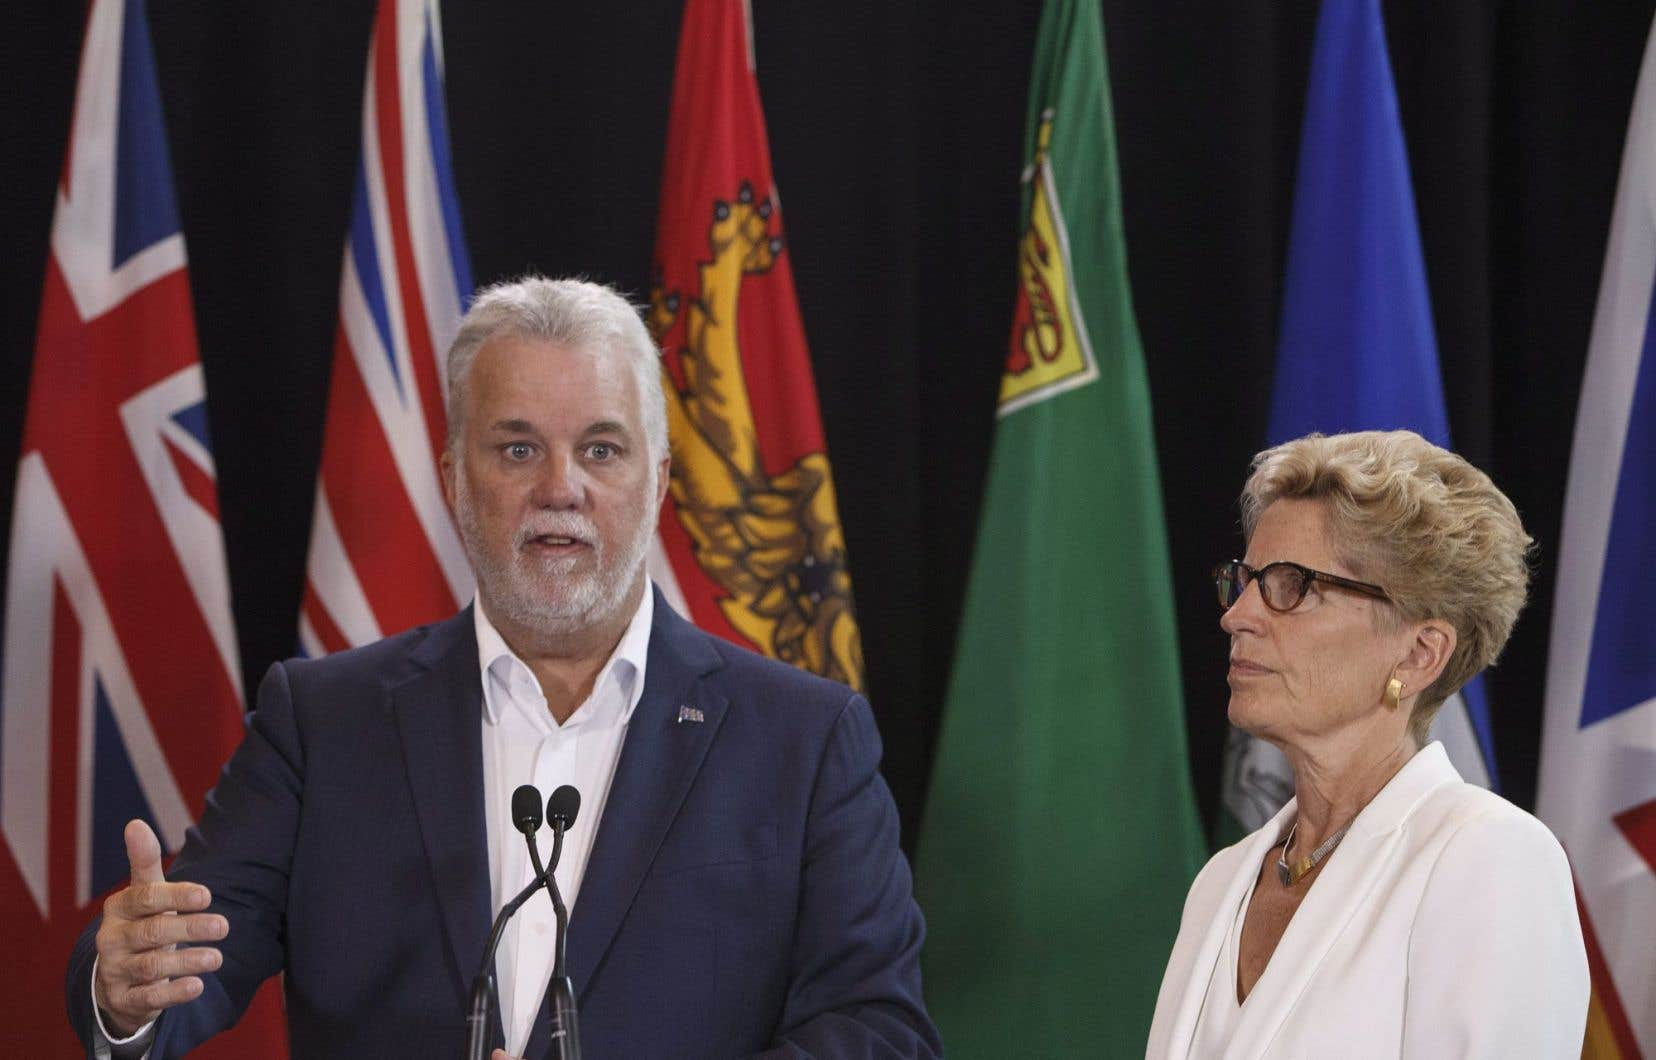 Le premier ministre québécois, Philippe Couillard, aux côtés de son homologue ontarienne, Kathleen Wynne